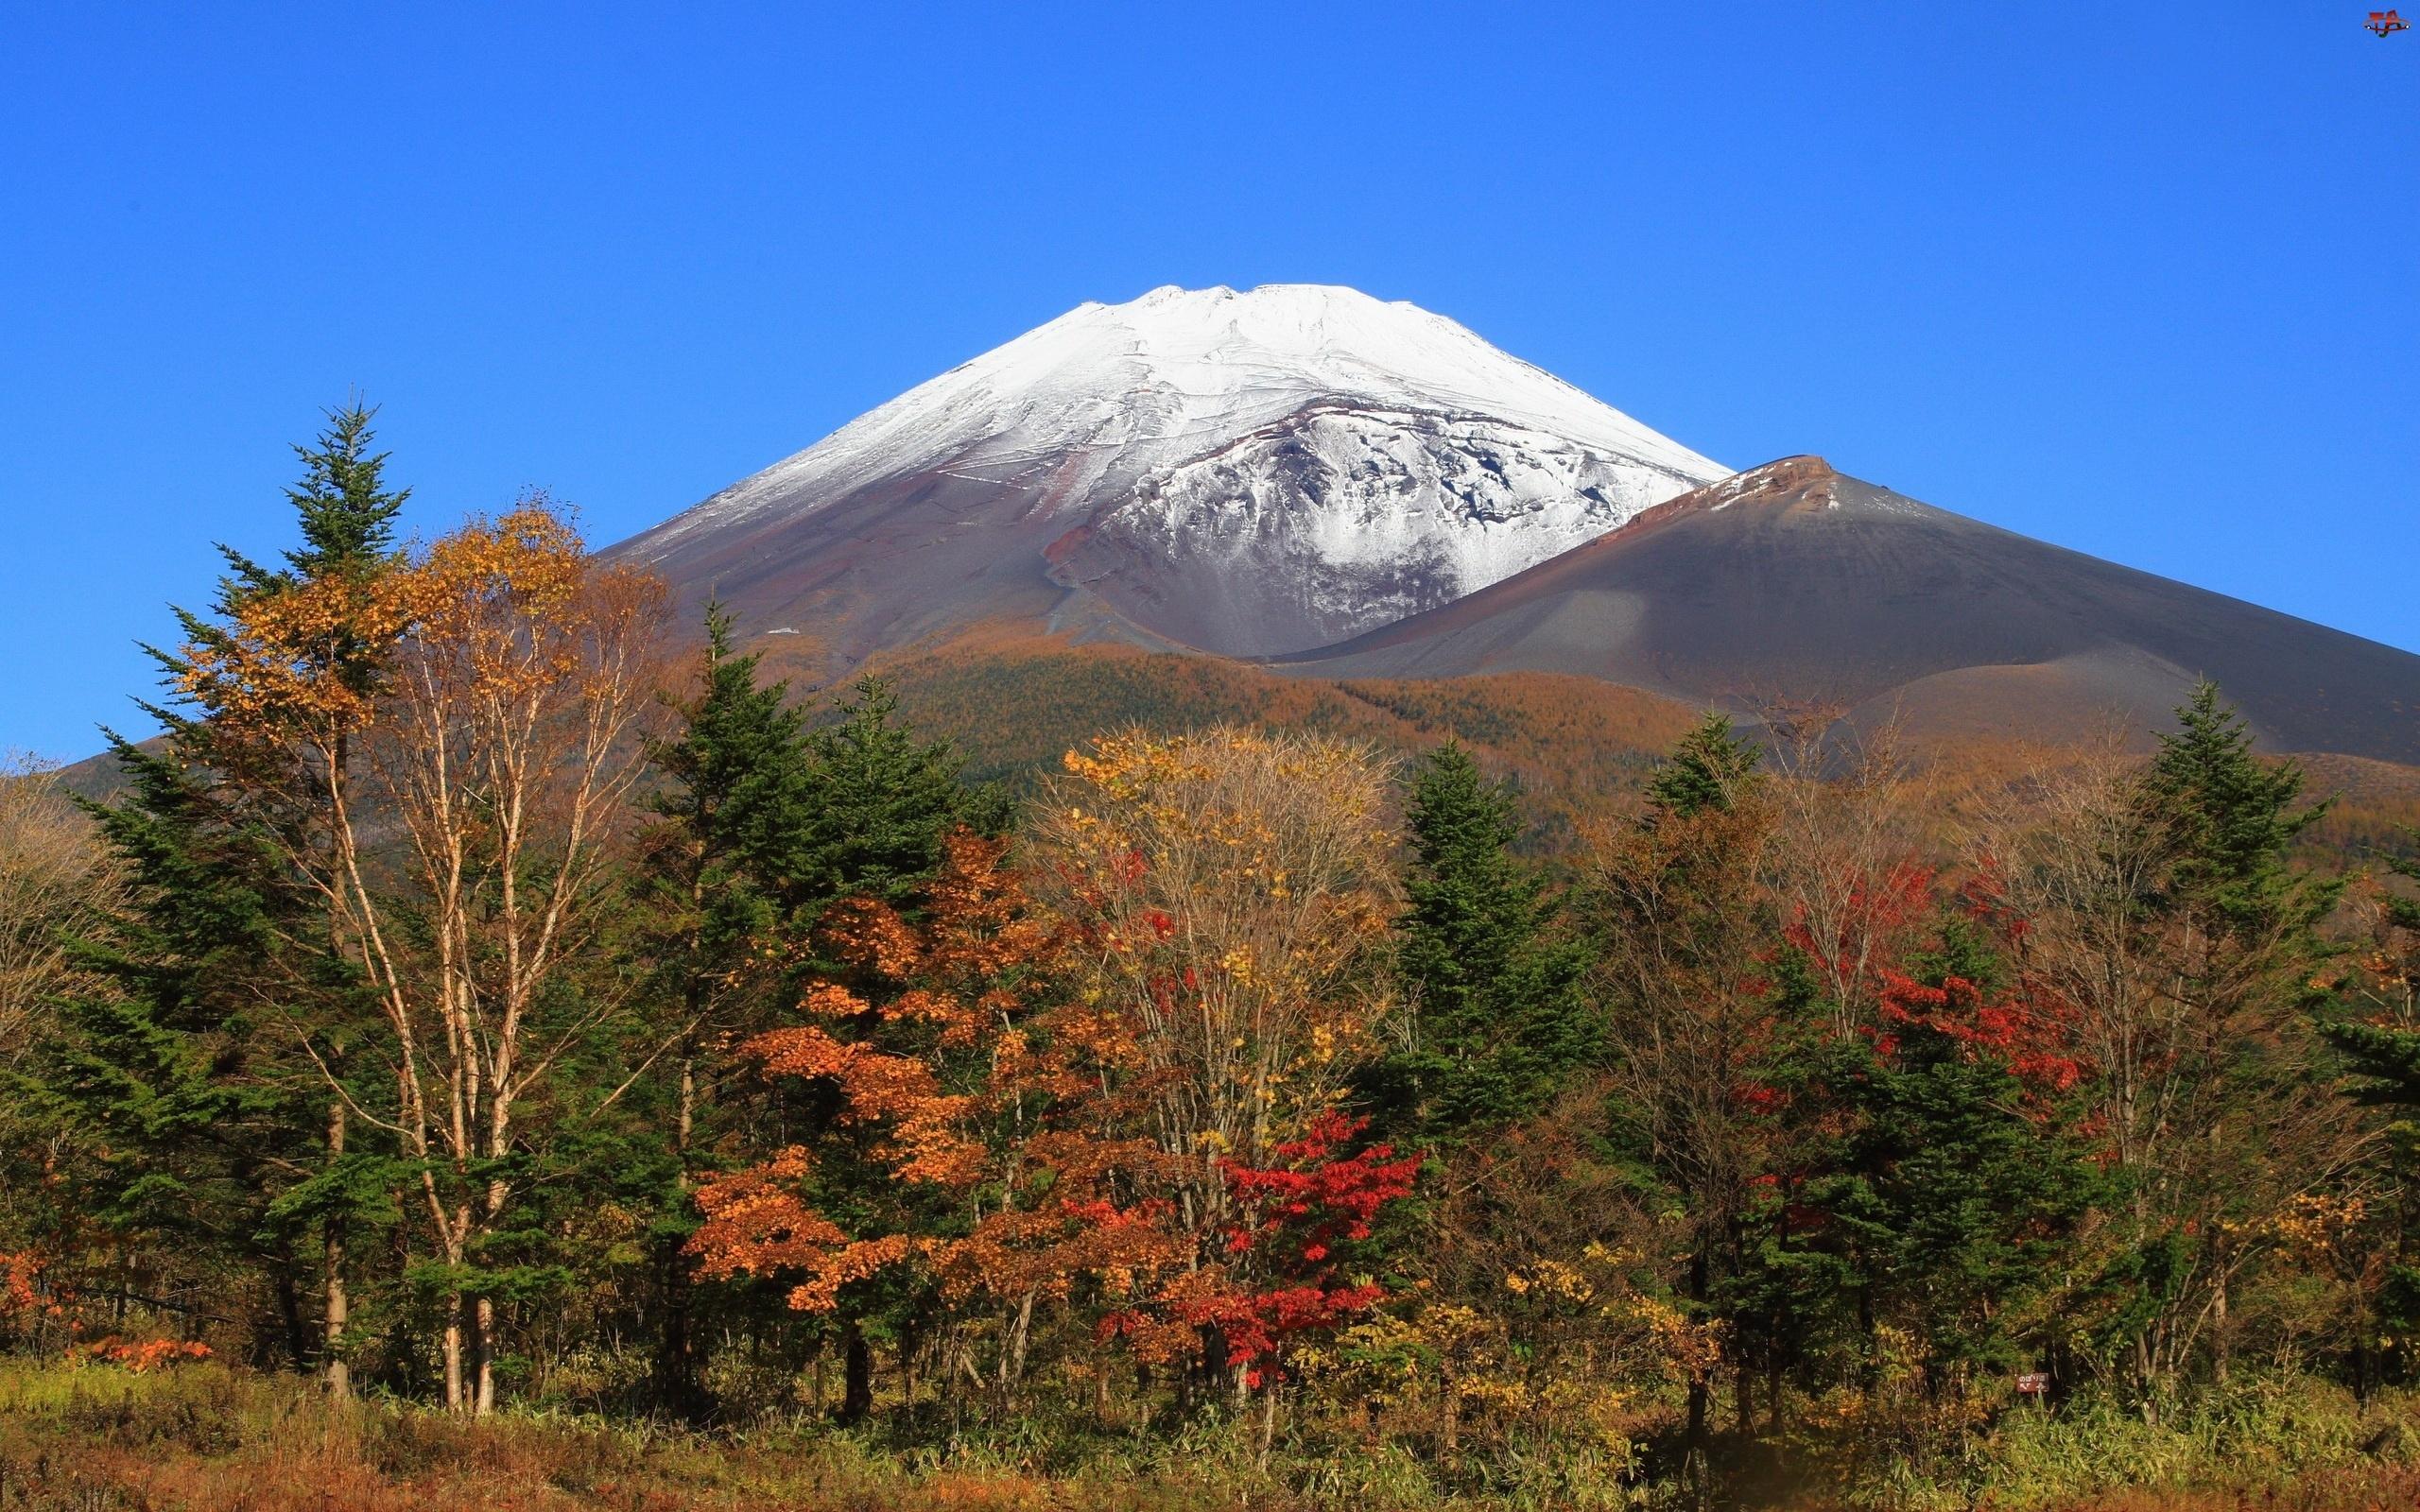 Jesień, Góra, Drzewa